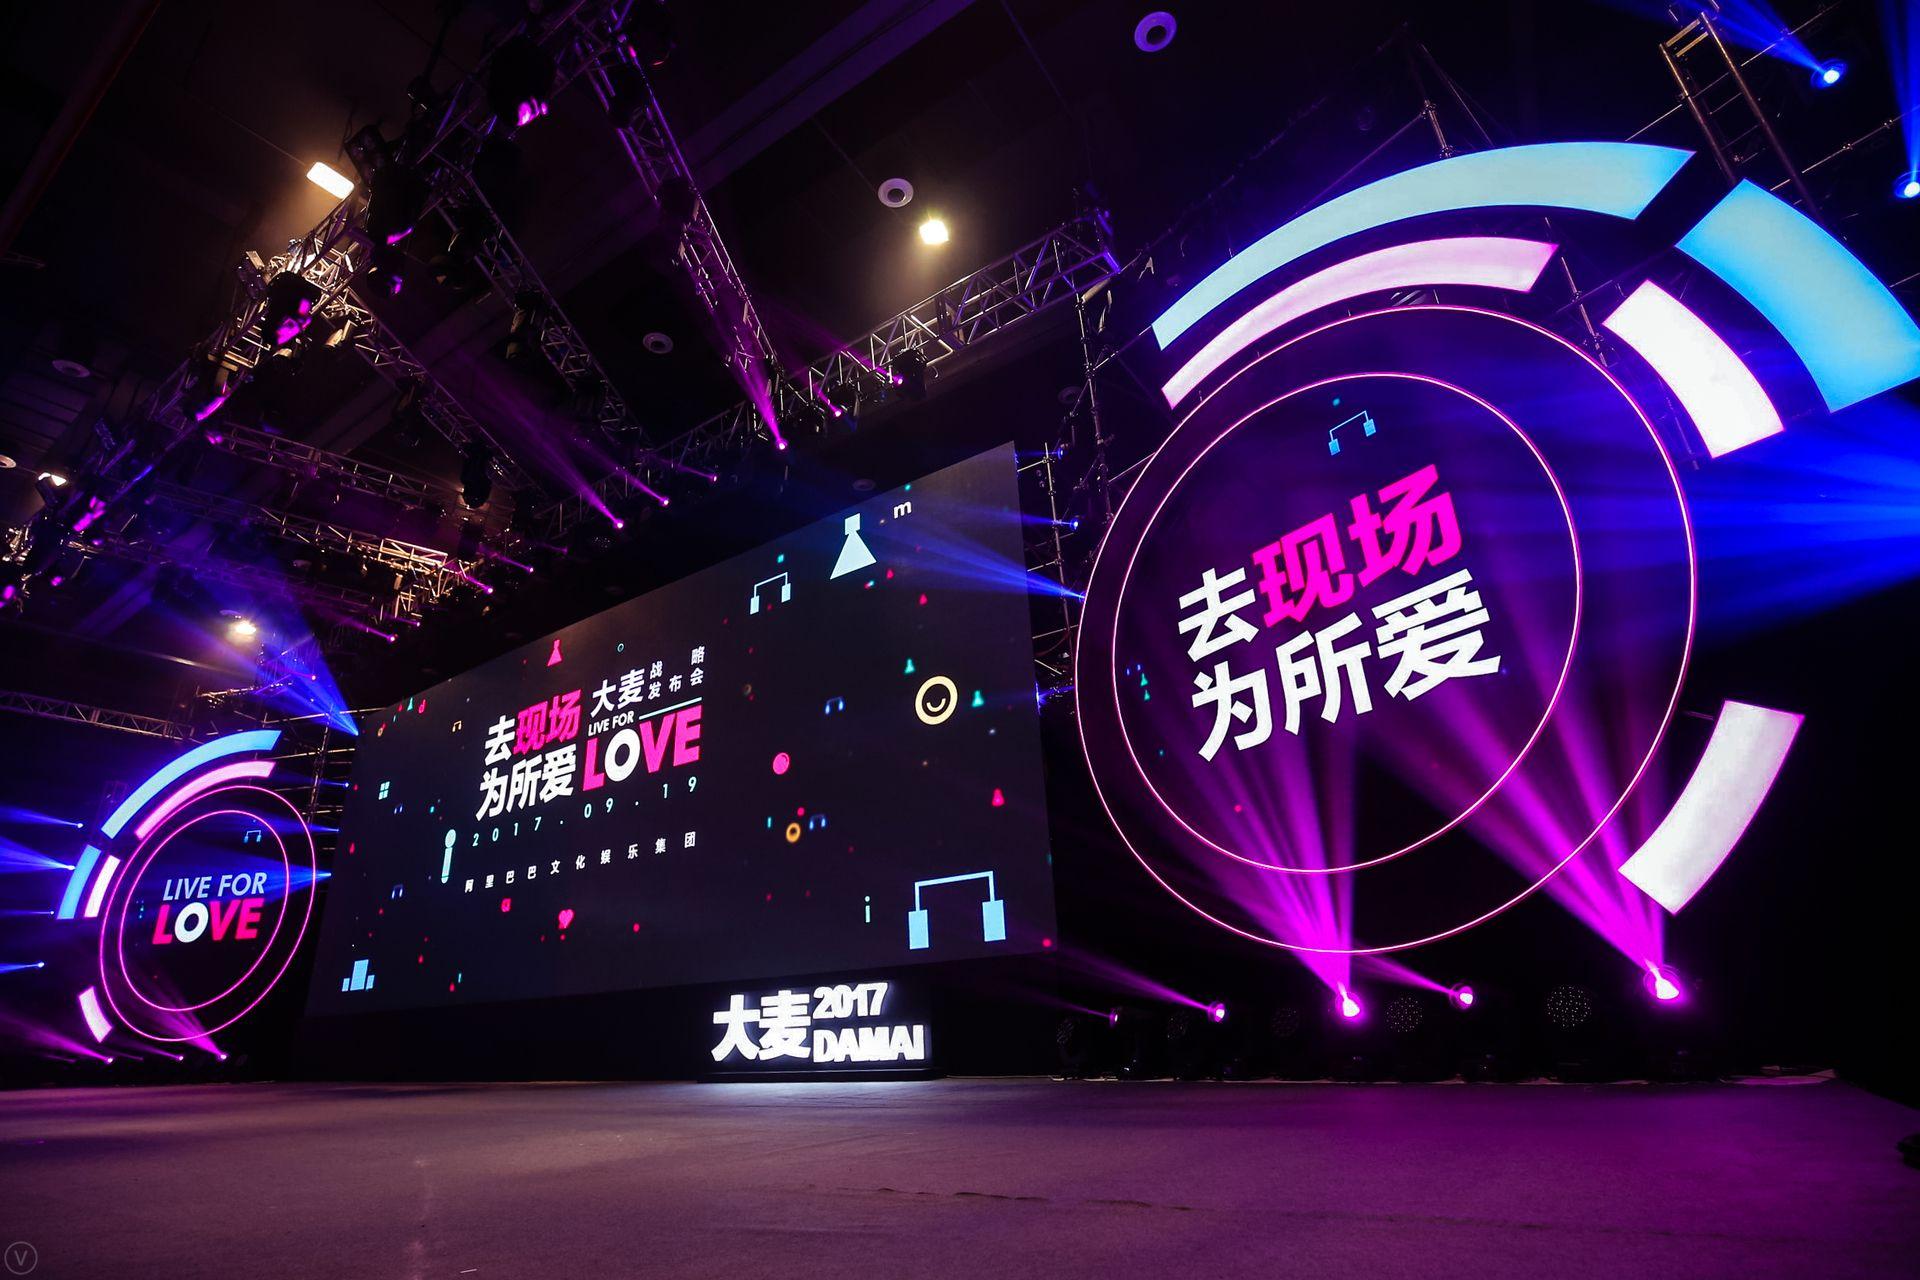 阿里文娱成立现场娱乐事业群 赋能线下娱乐新生态